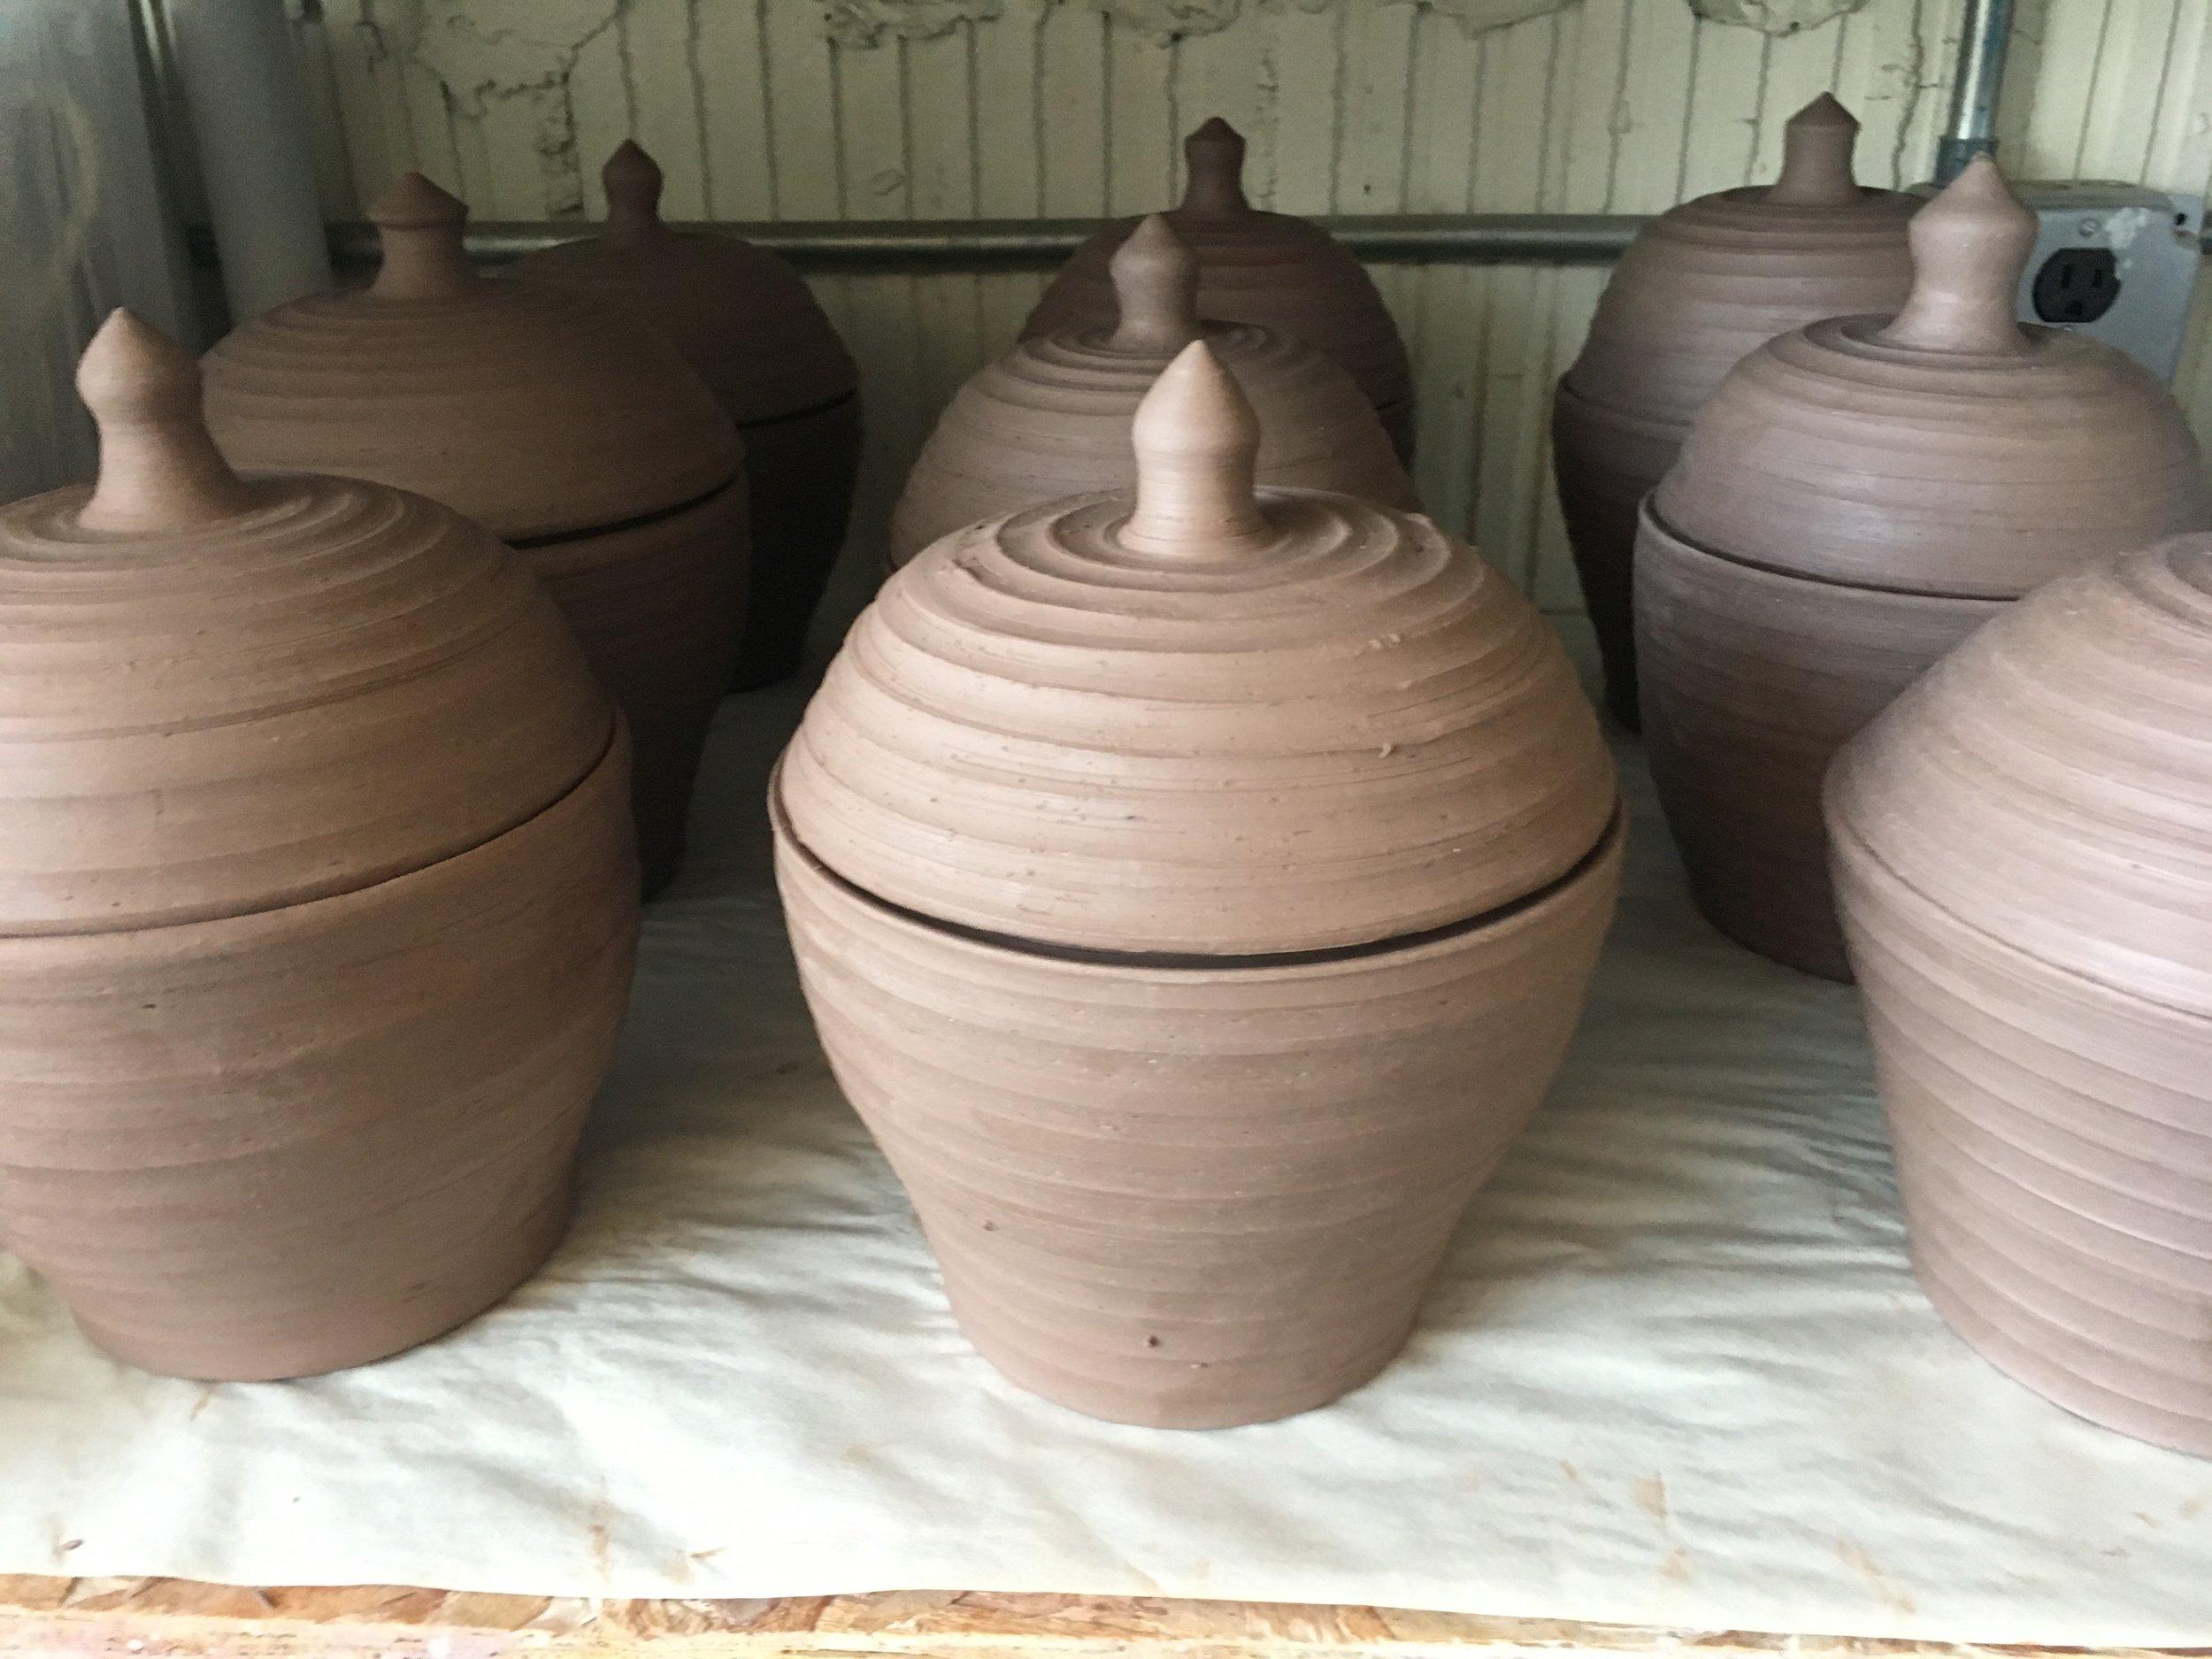 studio-assistantship-ceramics-clay.jpg